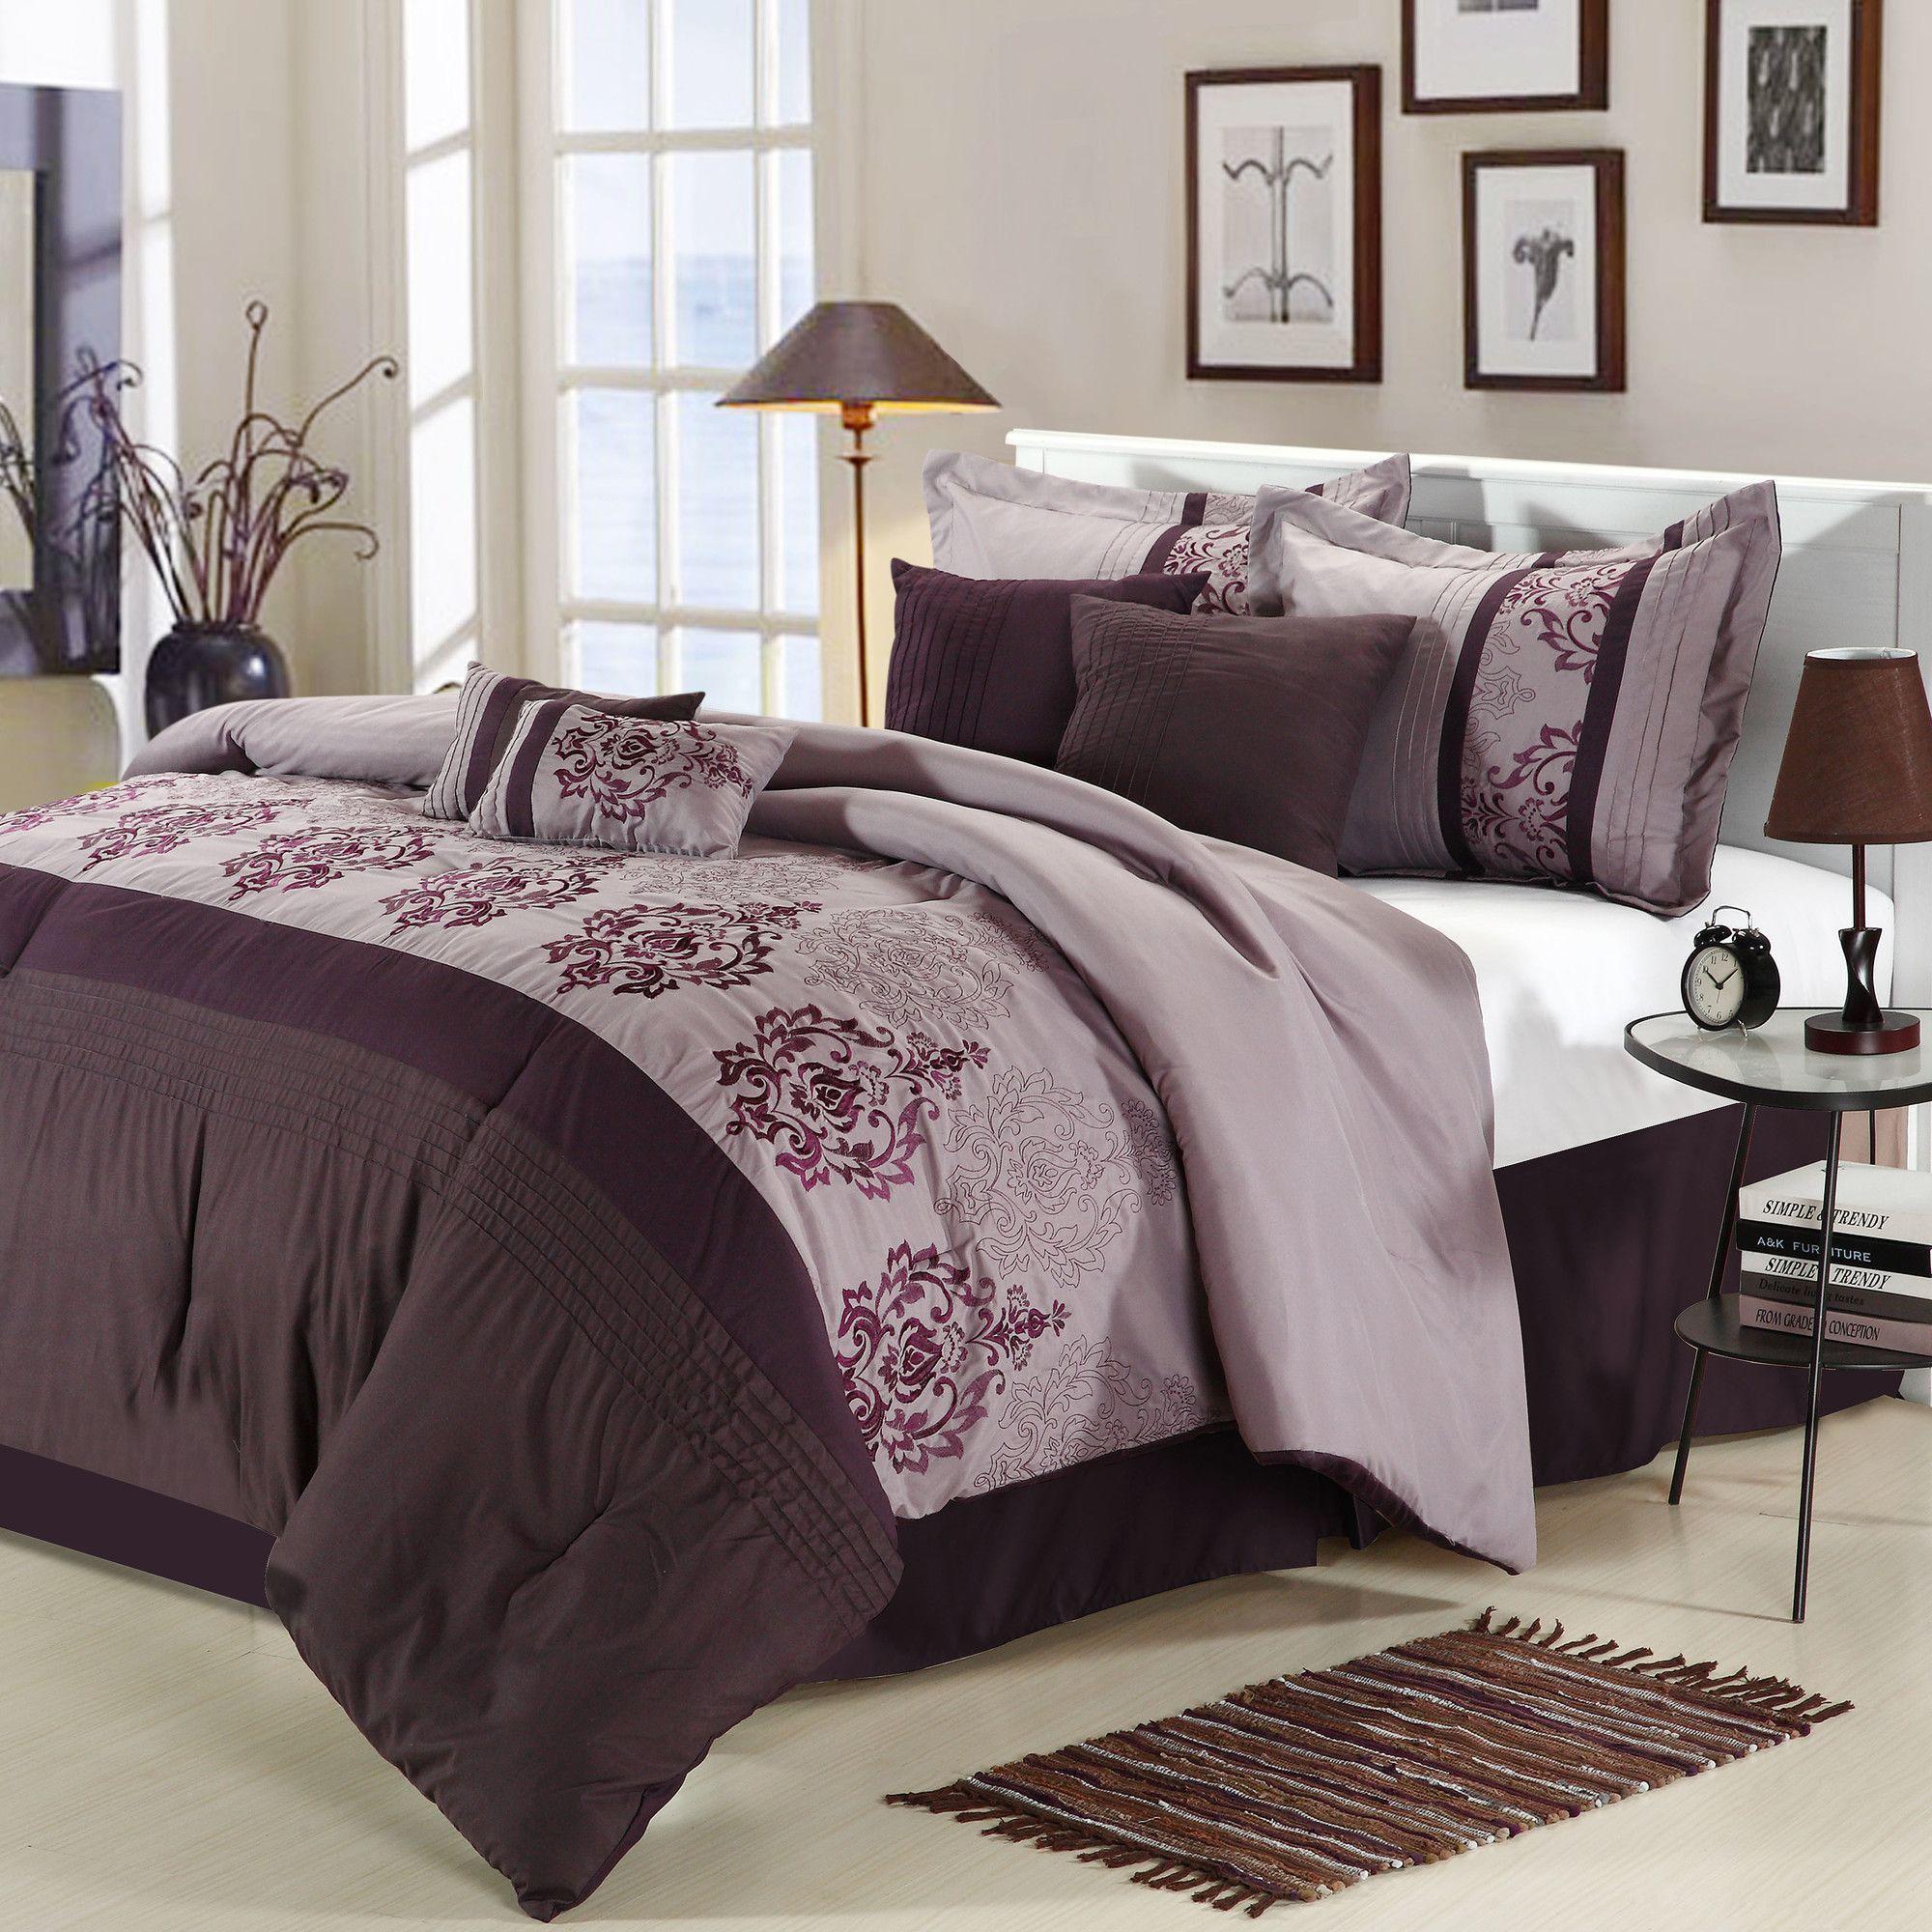 Renaissance Bedroom Furniture Renaissance 8 Piece Comforter Set Renaissance Comforter Sets